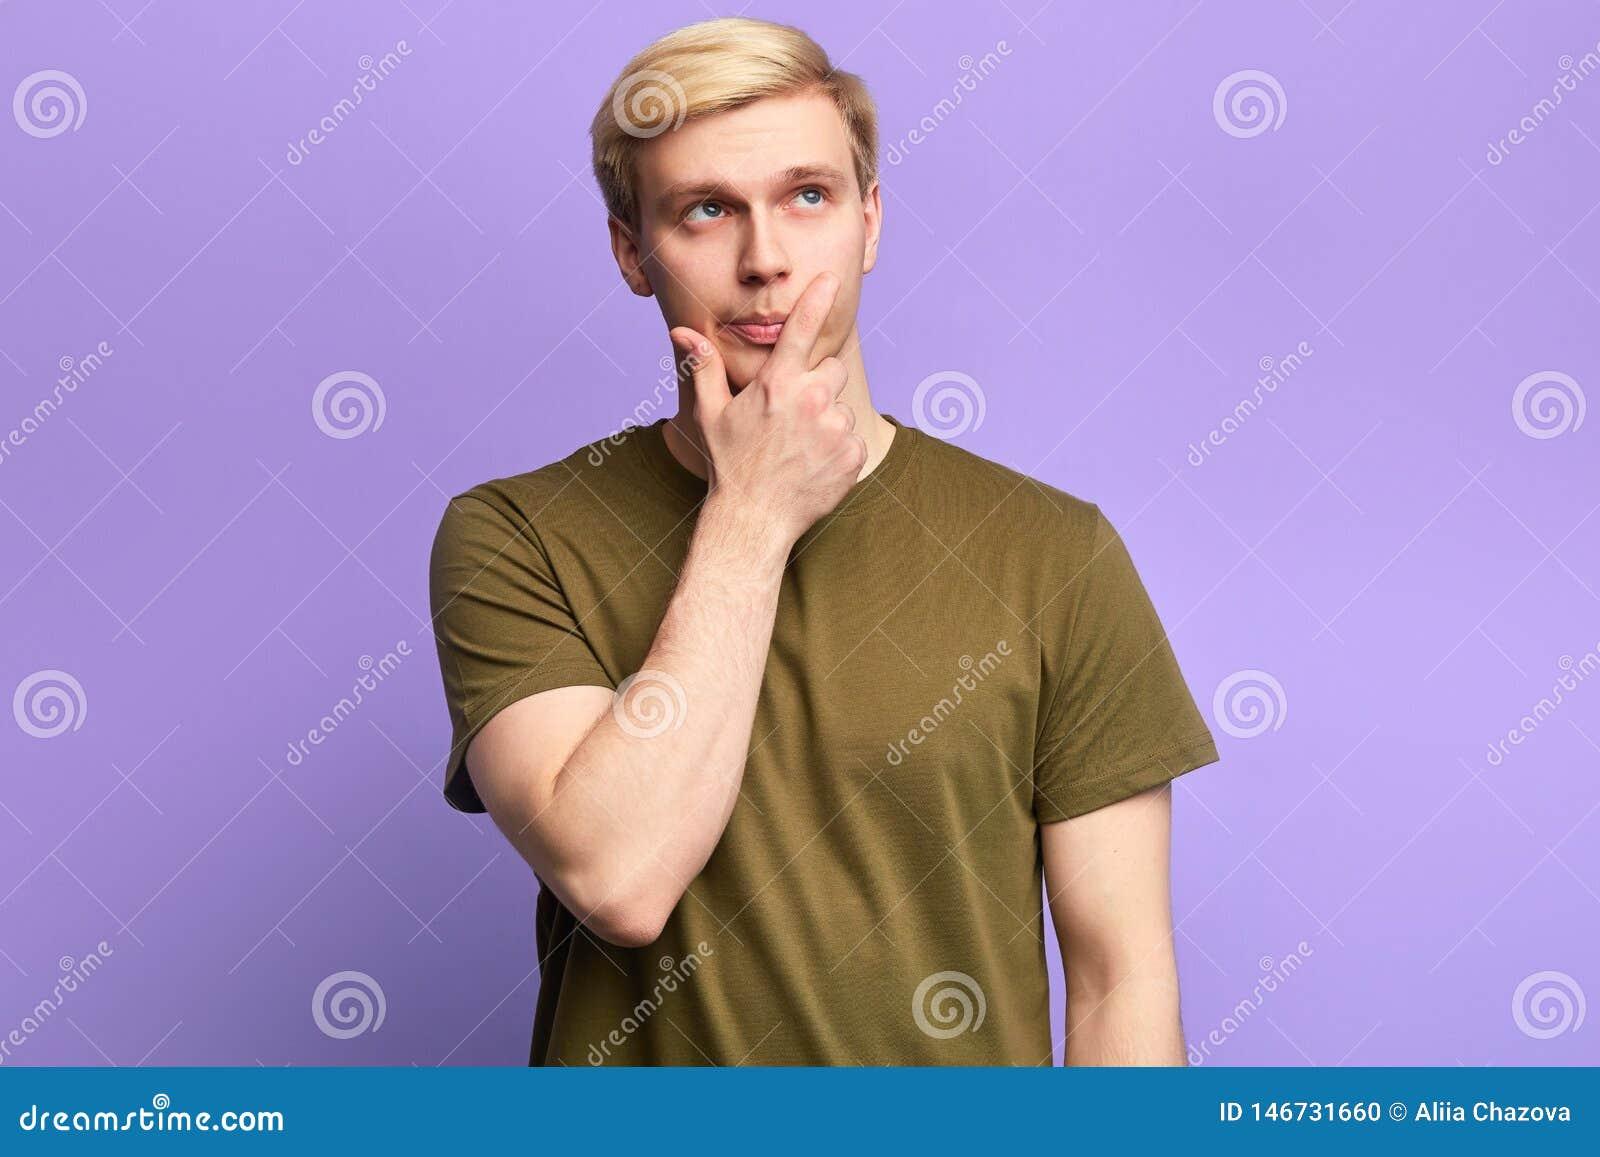 Όμορφος σοβαρός νεαρός άνδρας που ανατρέχει με το στοχαστικό βλέμμα